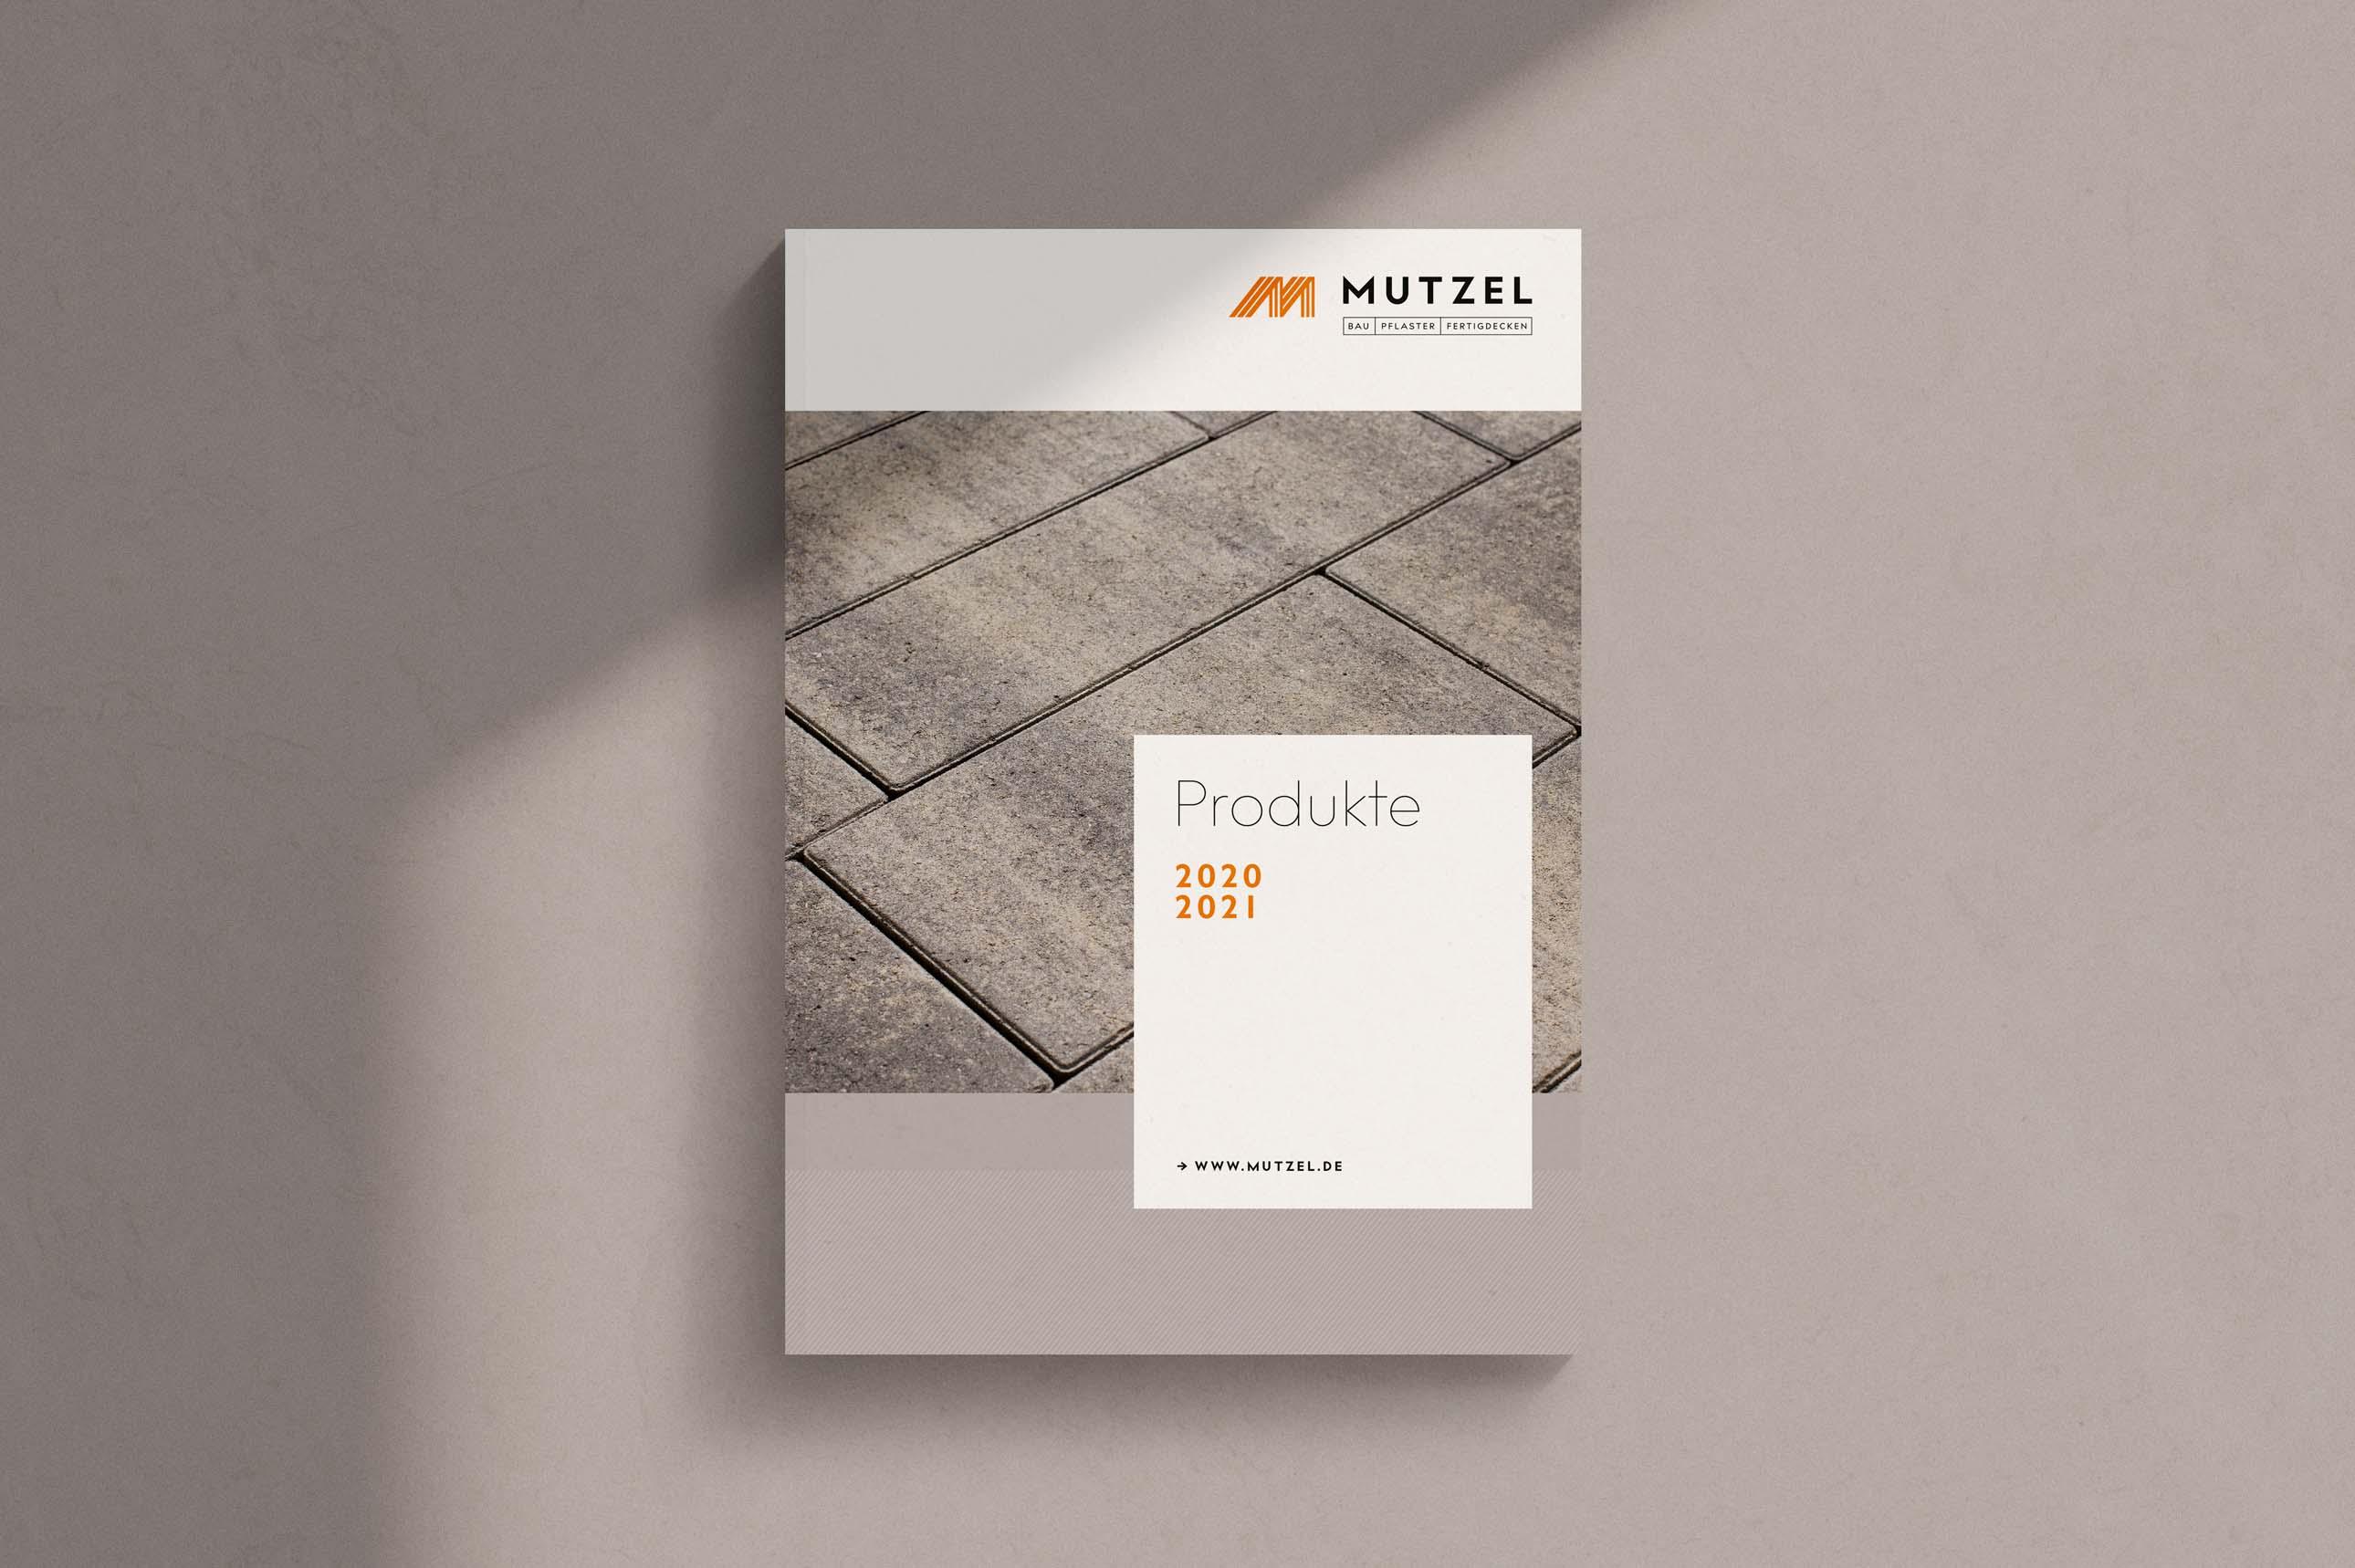 Produktkatalog für Bauunternehmen Mutzel